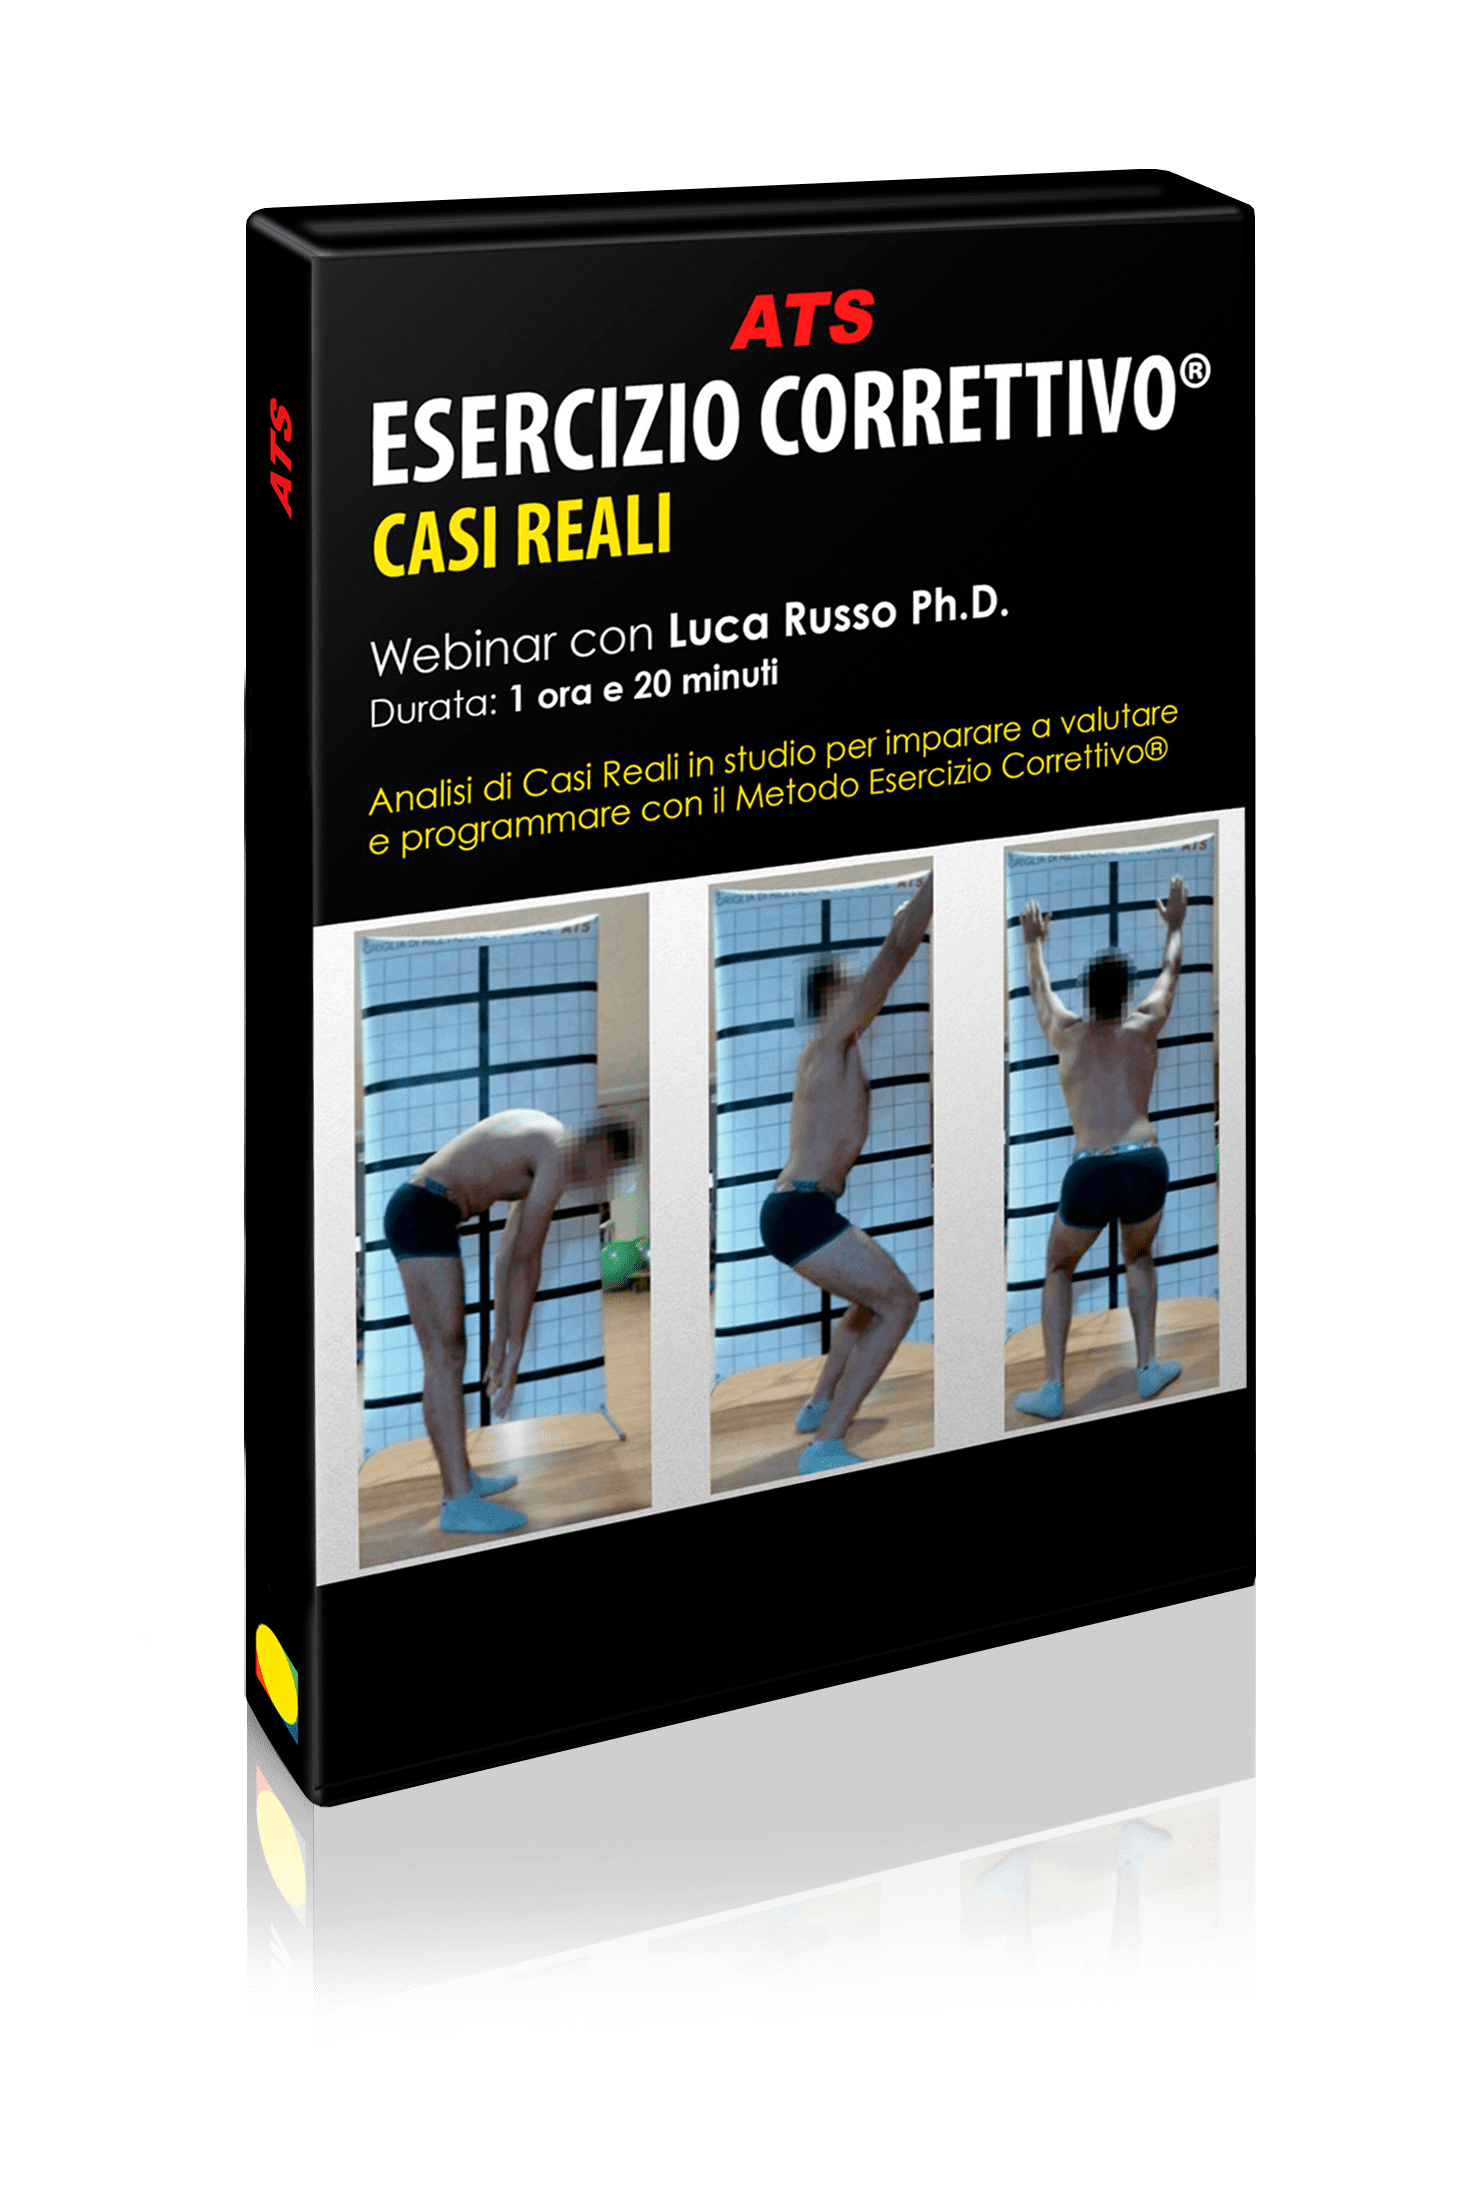 Webinar-Esercizio-Correttivo-Casi-Reali